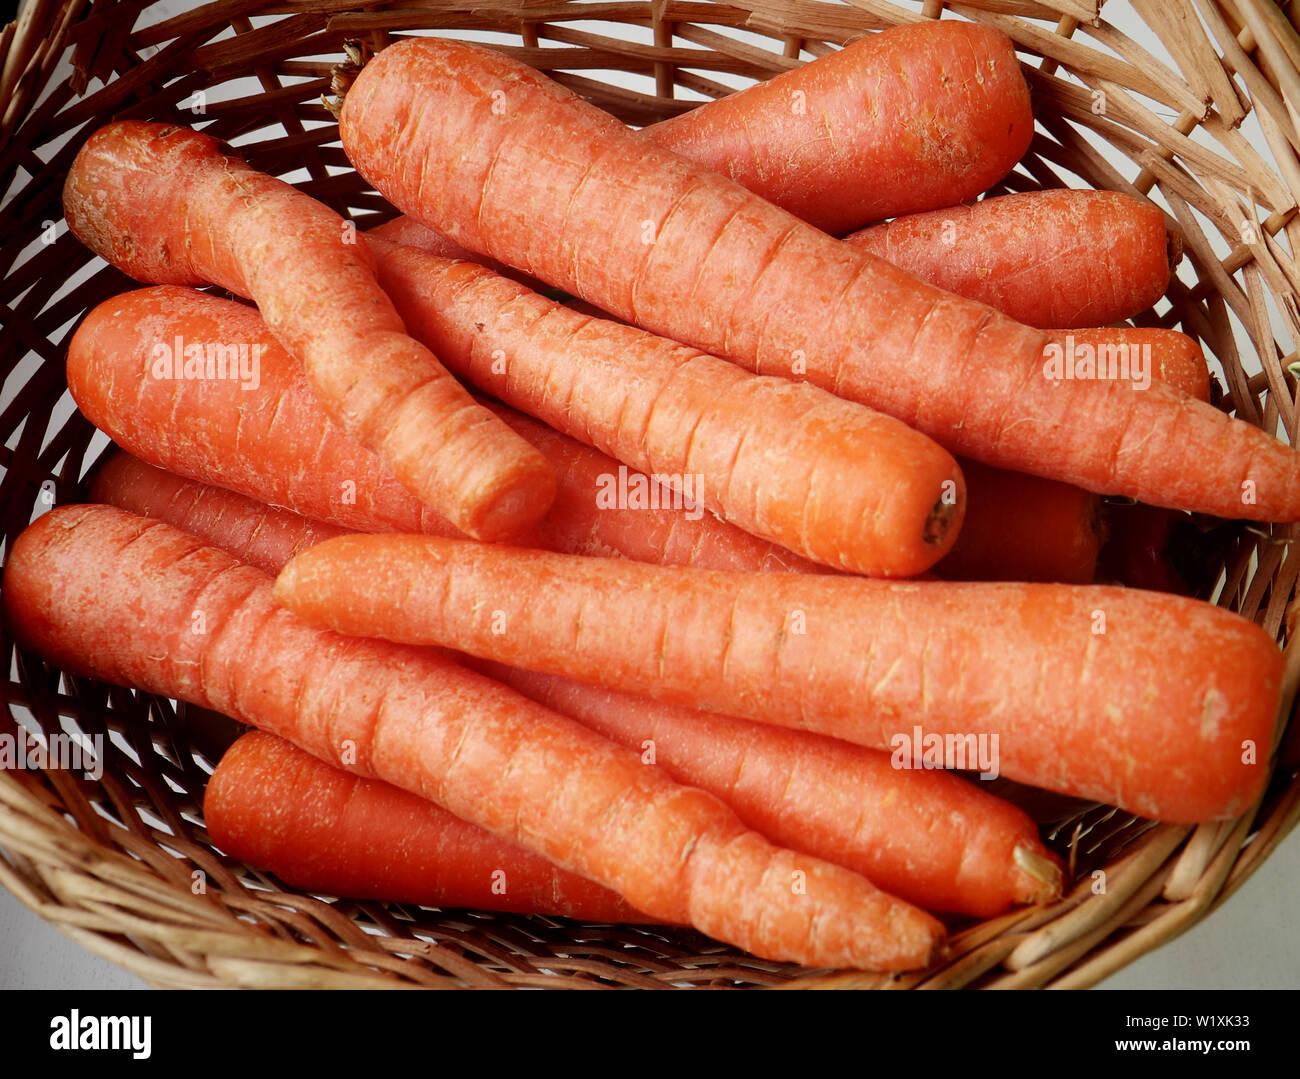 Las zanahorias con color brillante en una canasta, ingredientes saludables en la cocina Foto de stock